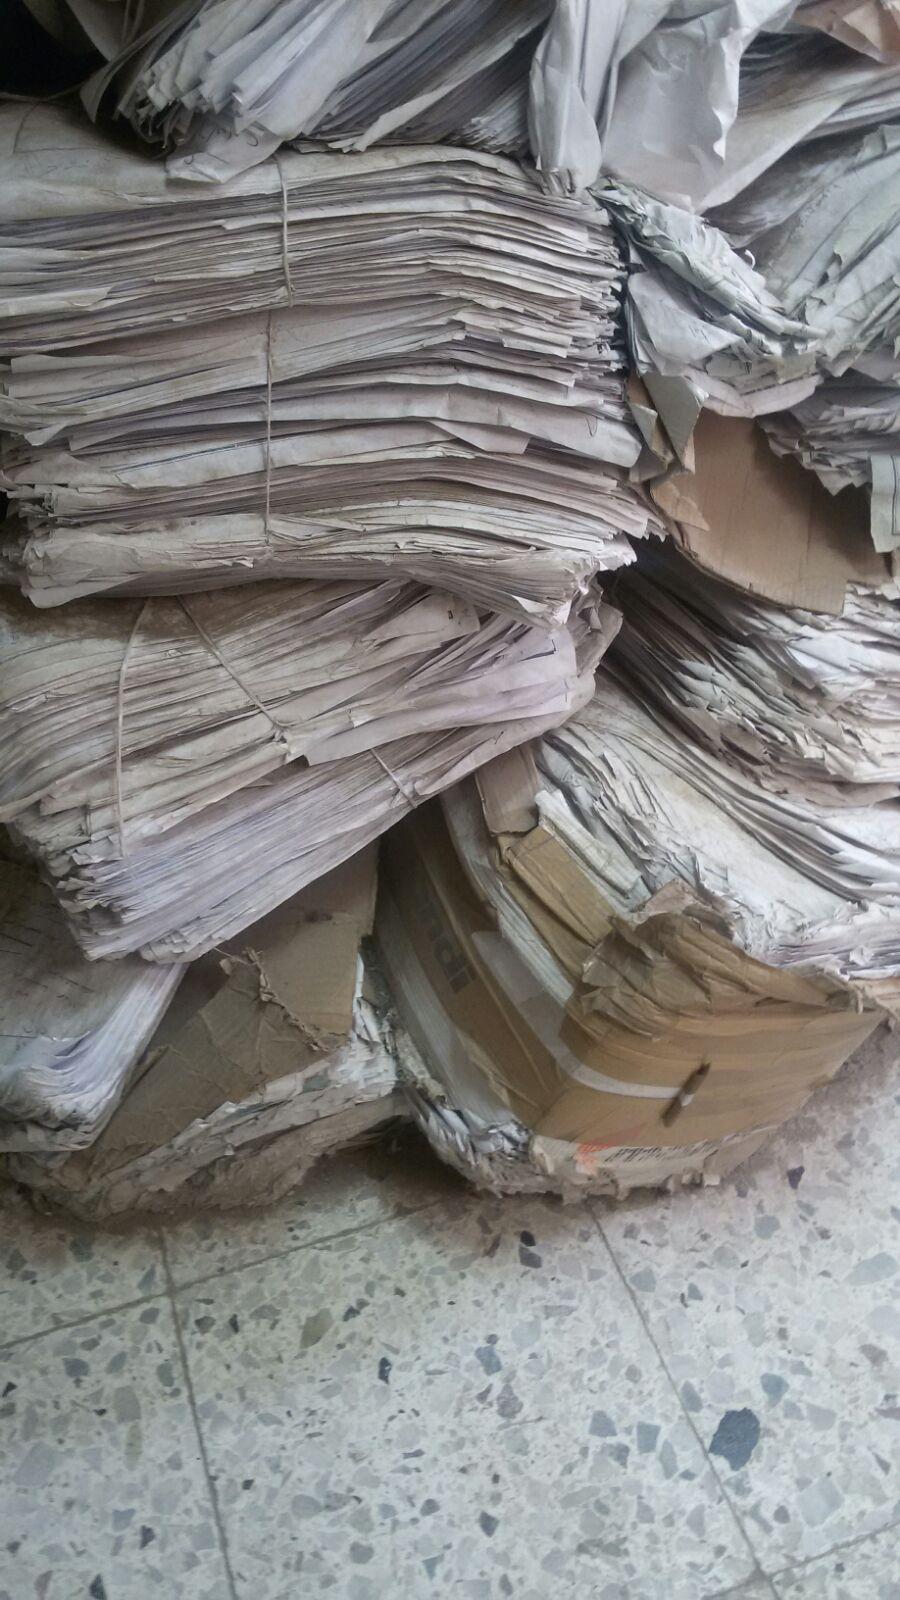 صور منسوبة لمكتب شهر عقاري في «أكتوبر» تُظهر إهمال أوراق المواطنين